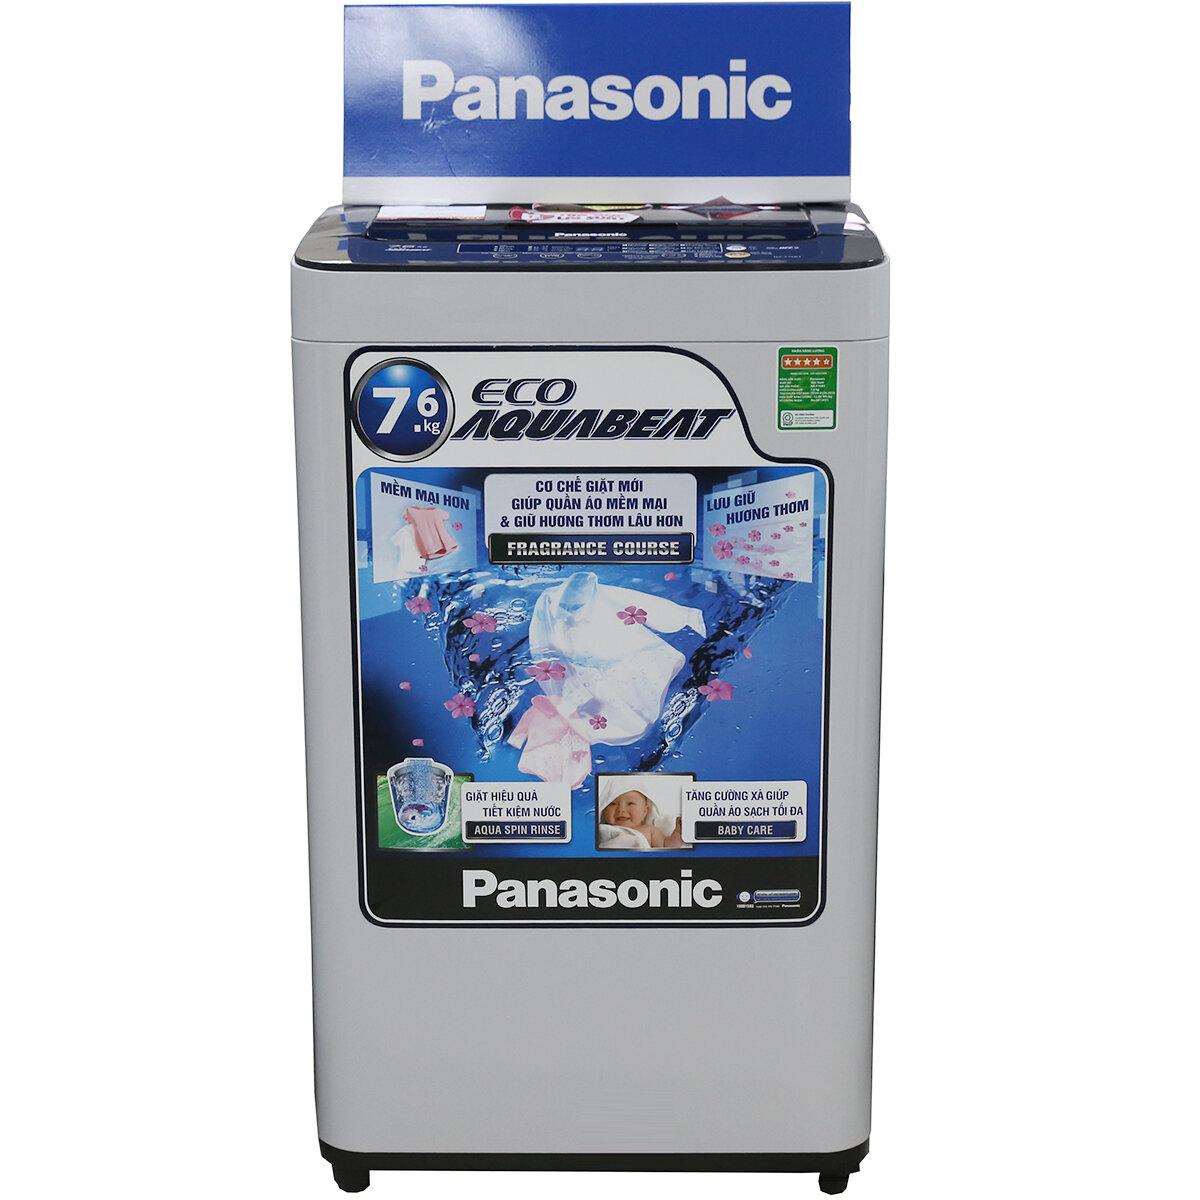 Bảng giá các dòng máy giặt Panasonic cập nhật tháng 12/2015